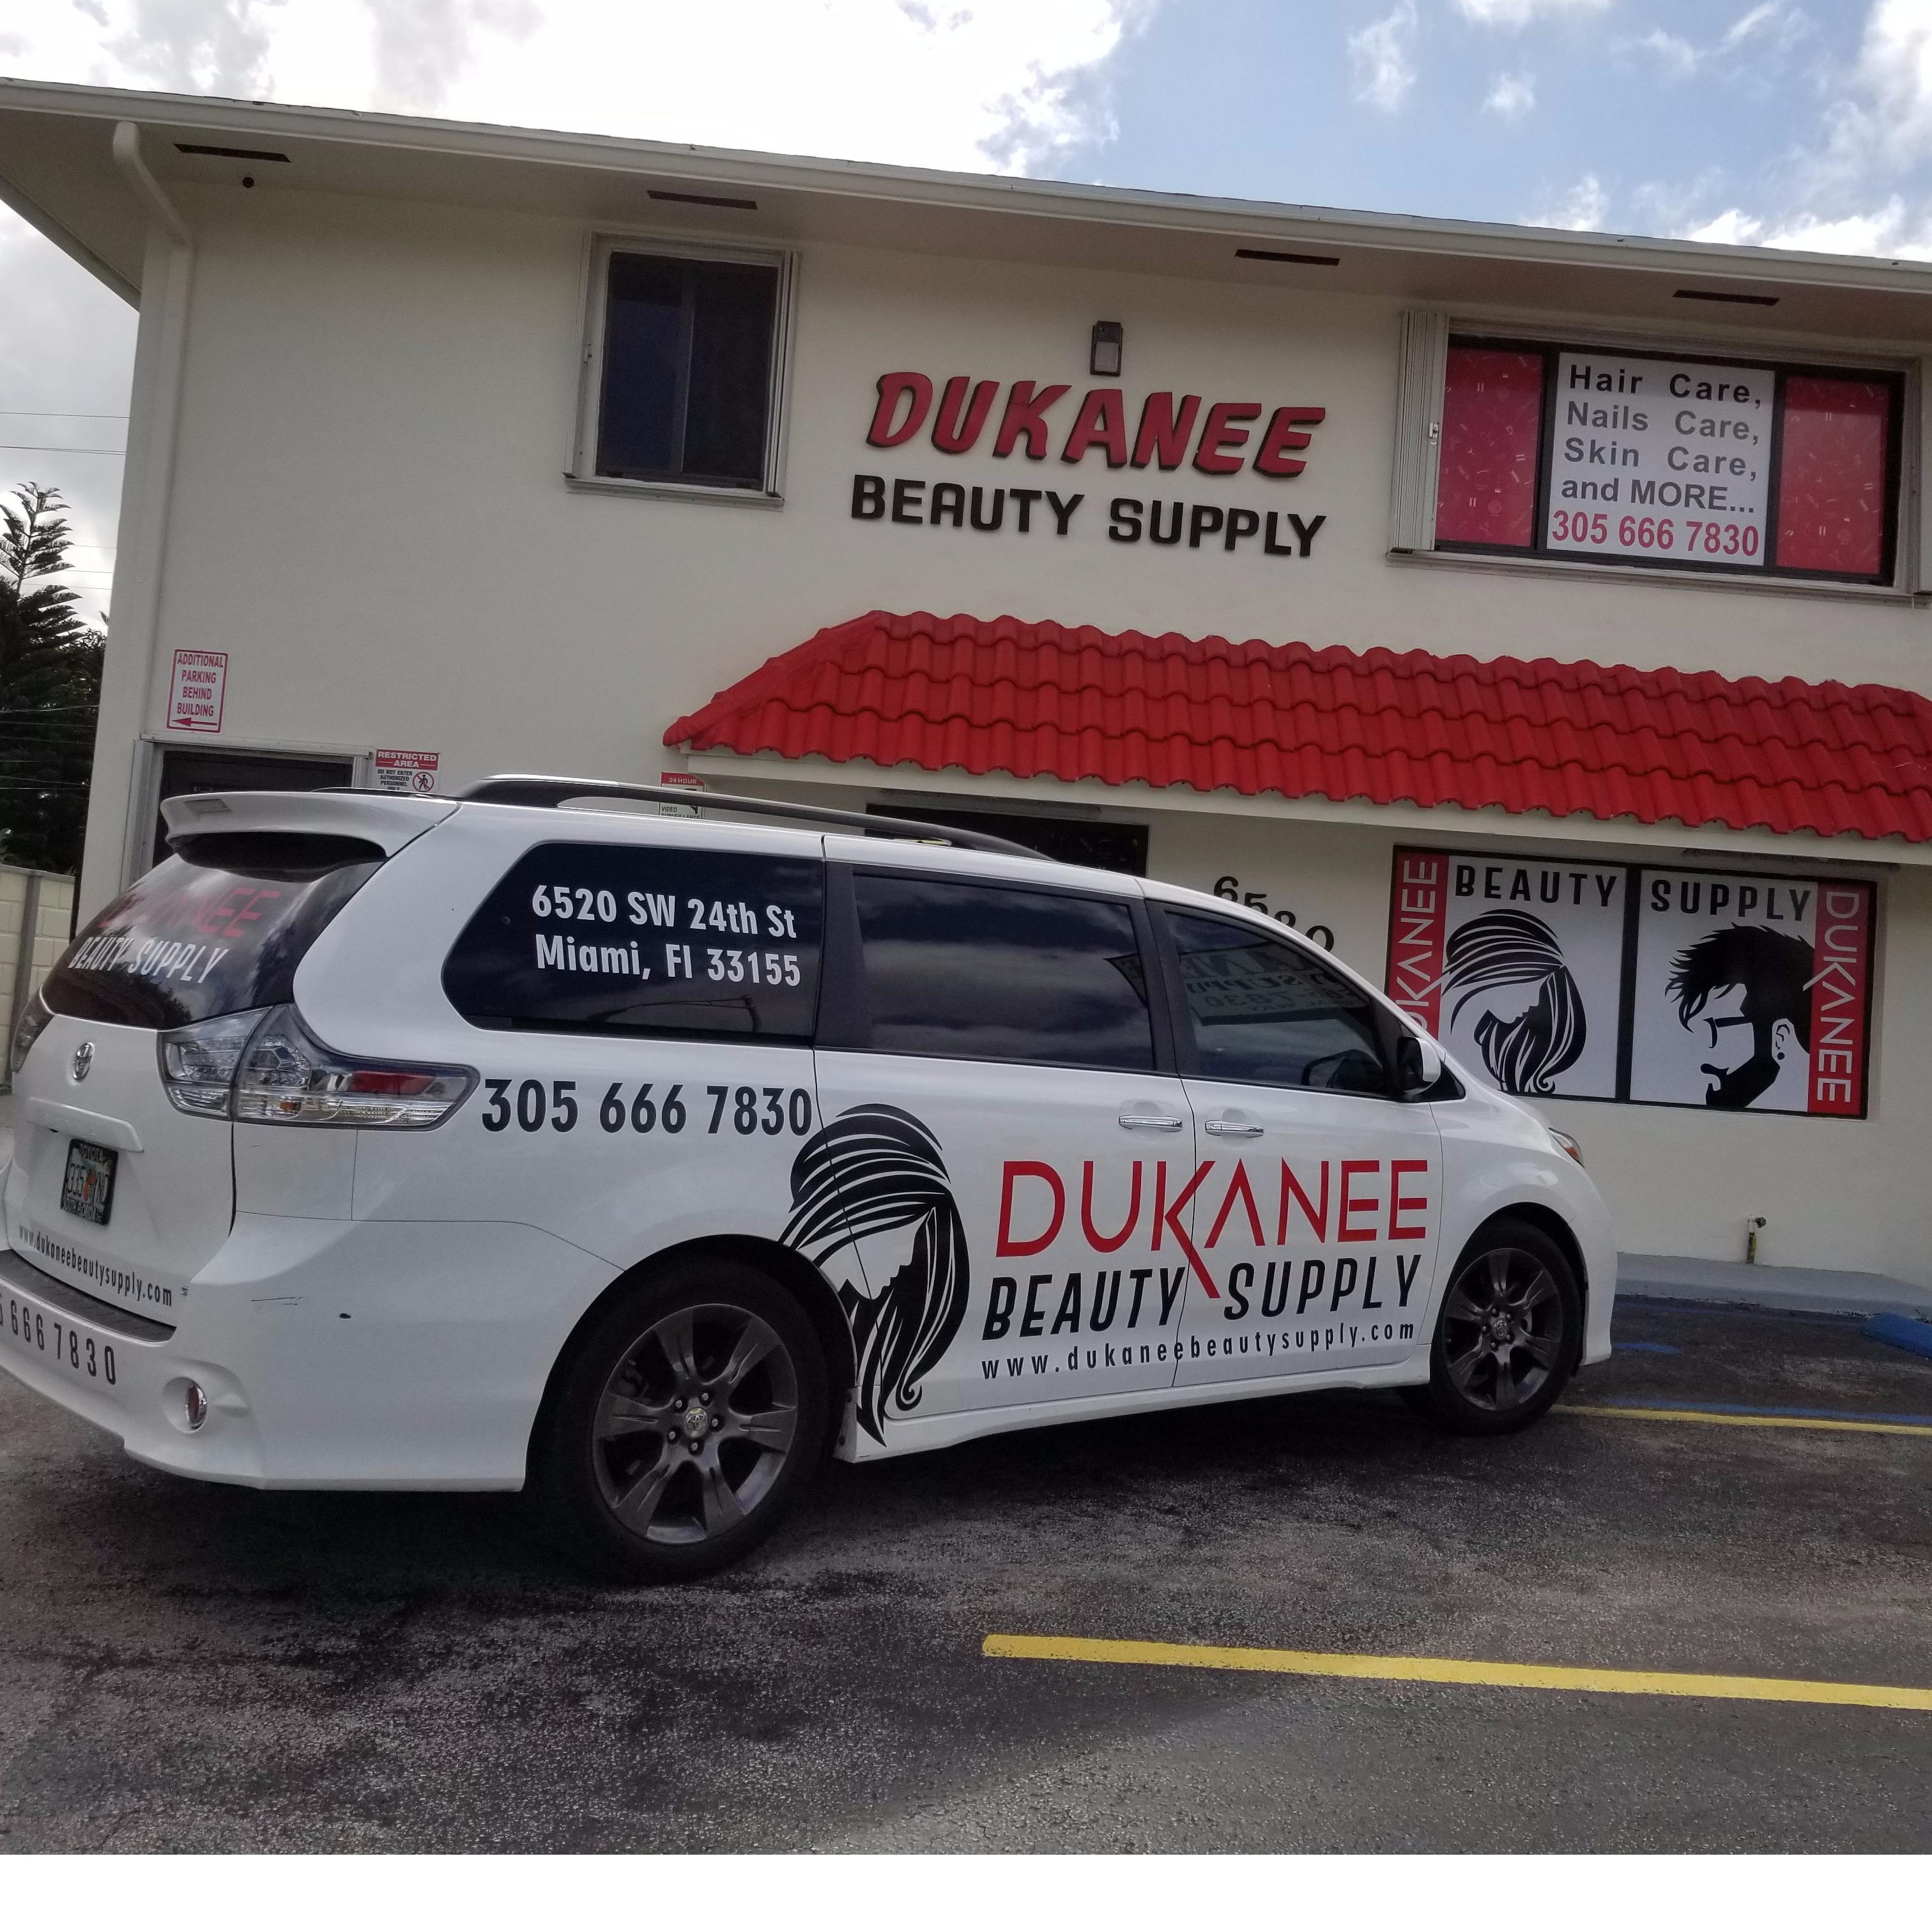 Dukanee Beauty Supply